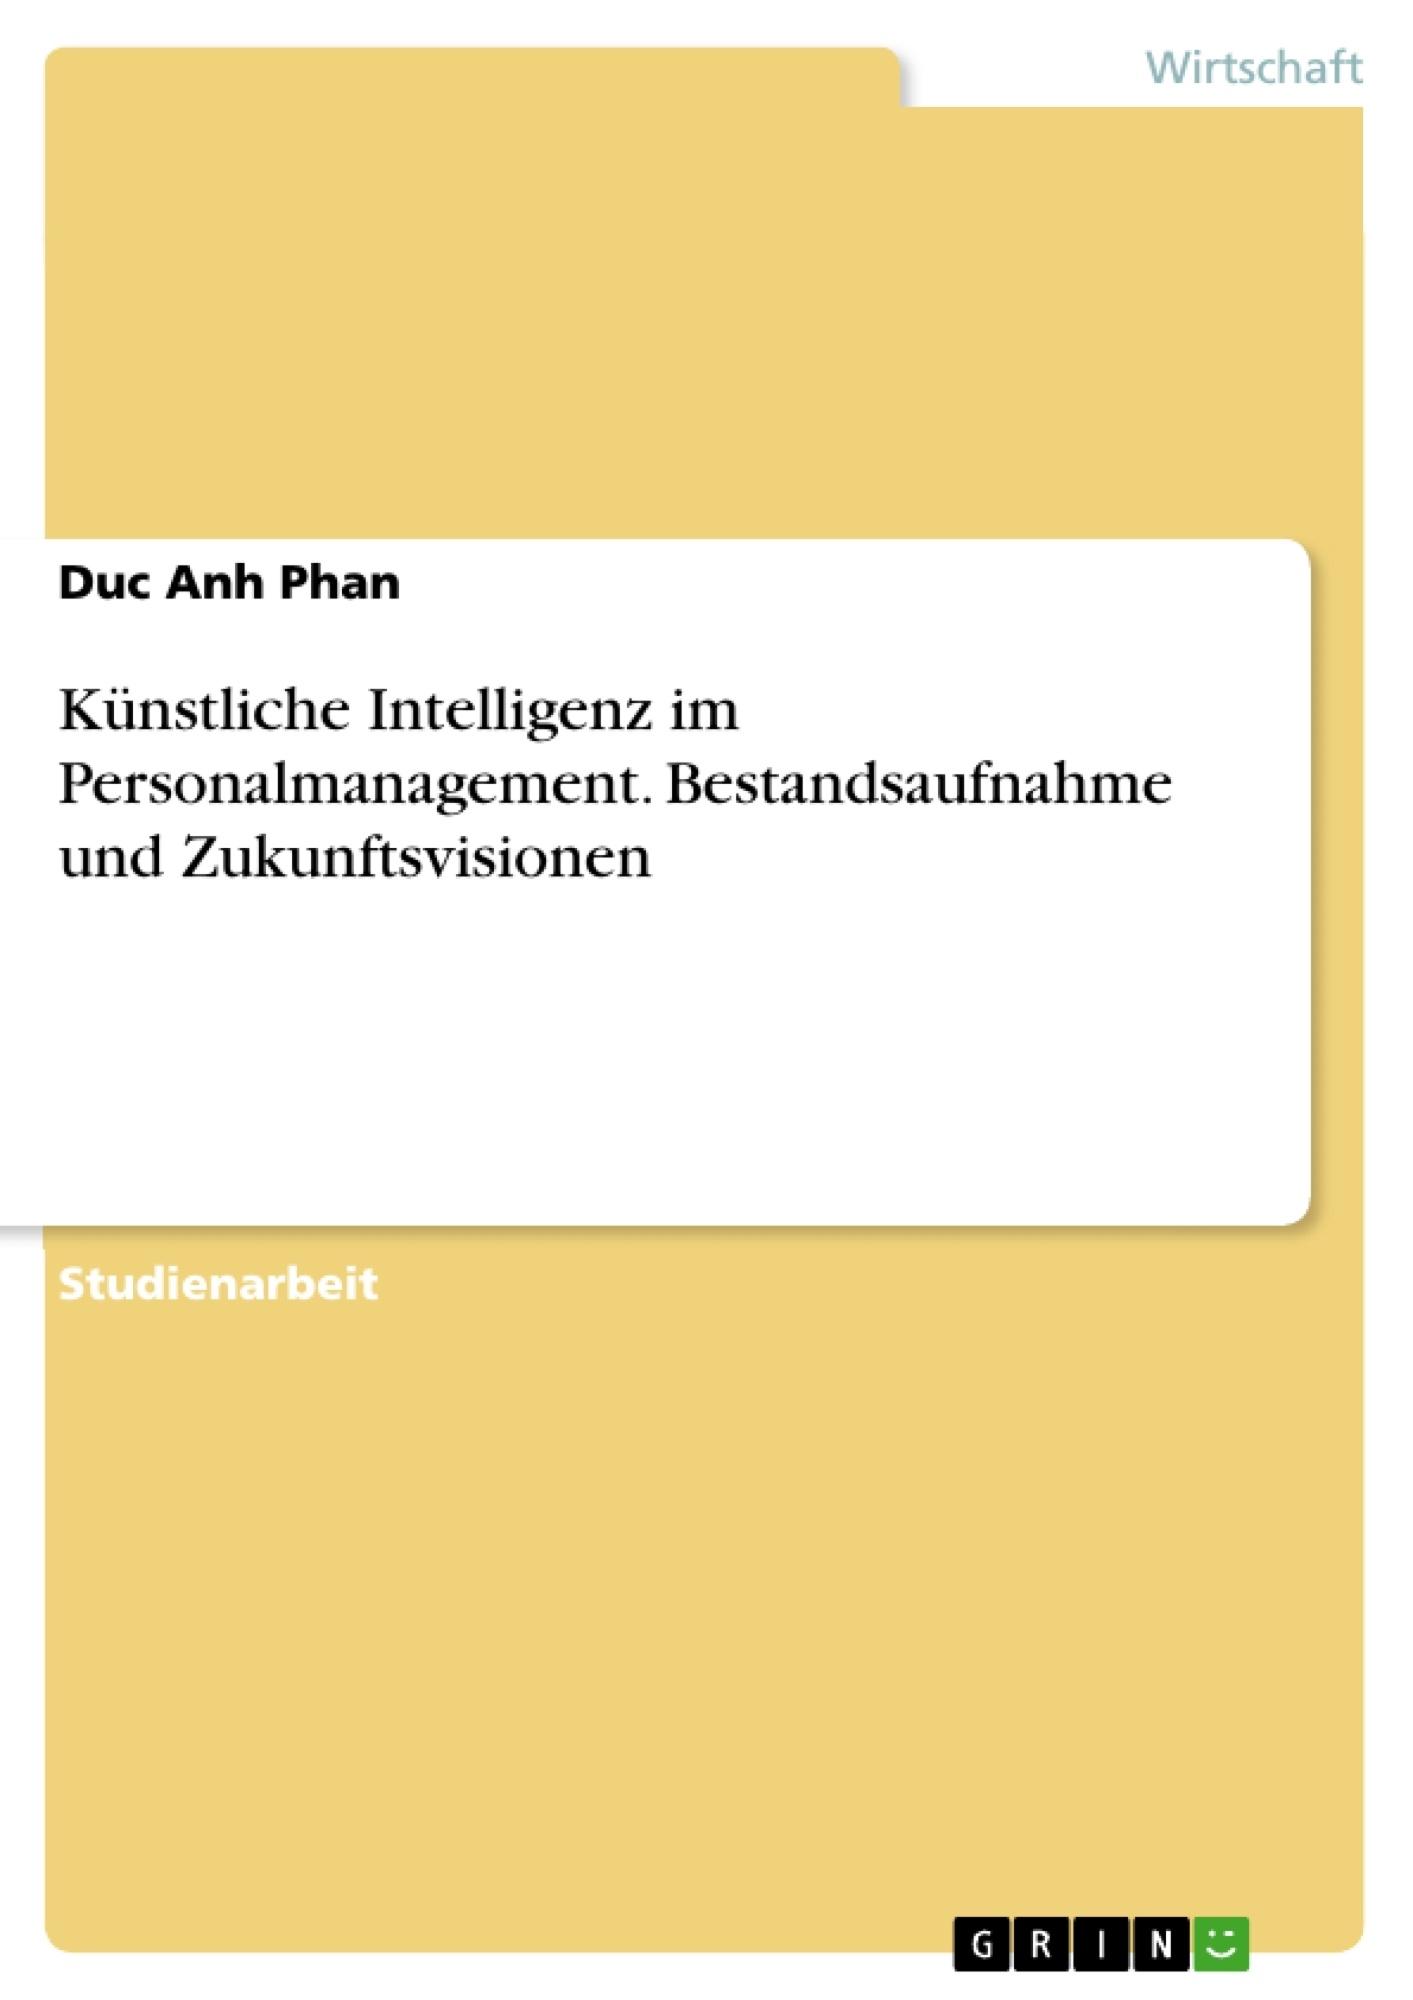 Titel: Künstliche Intelligenz im Personalmanagement. Bestandsaufnahme und Zukunftsvisionen